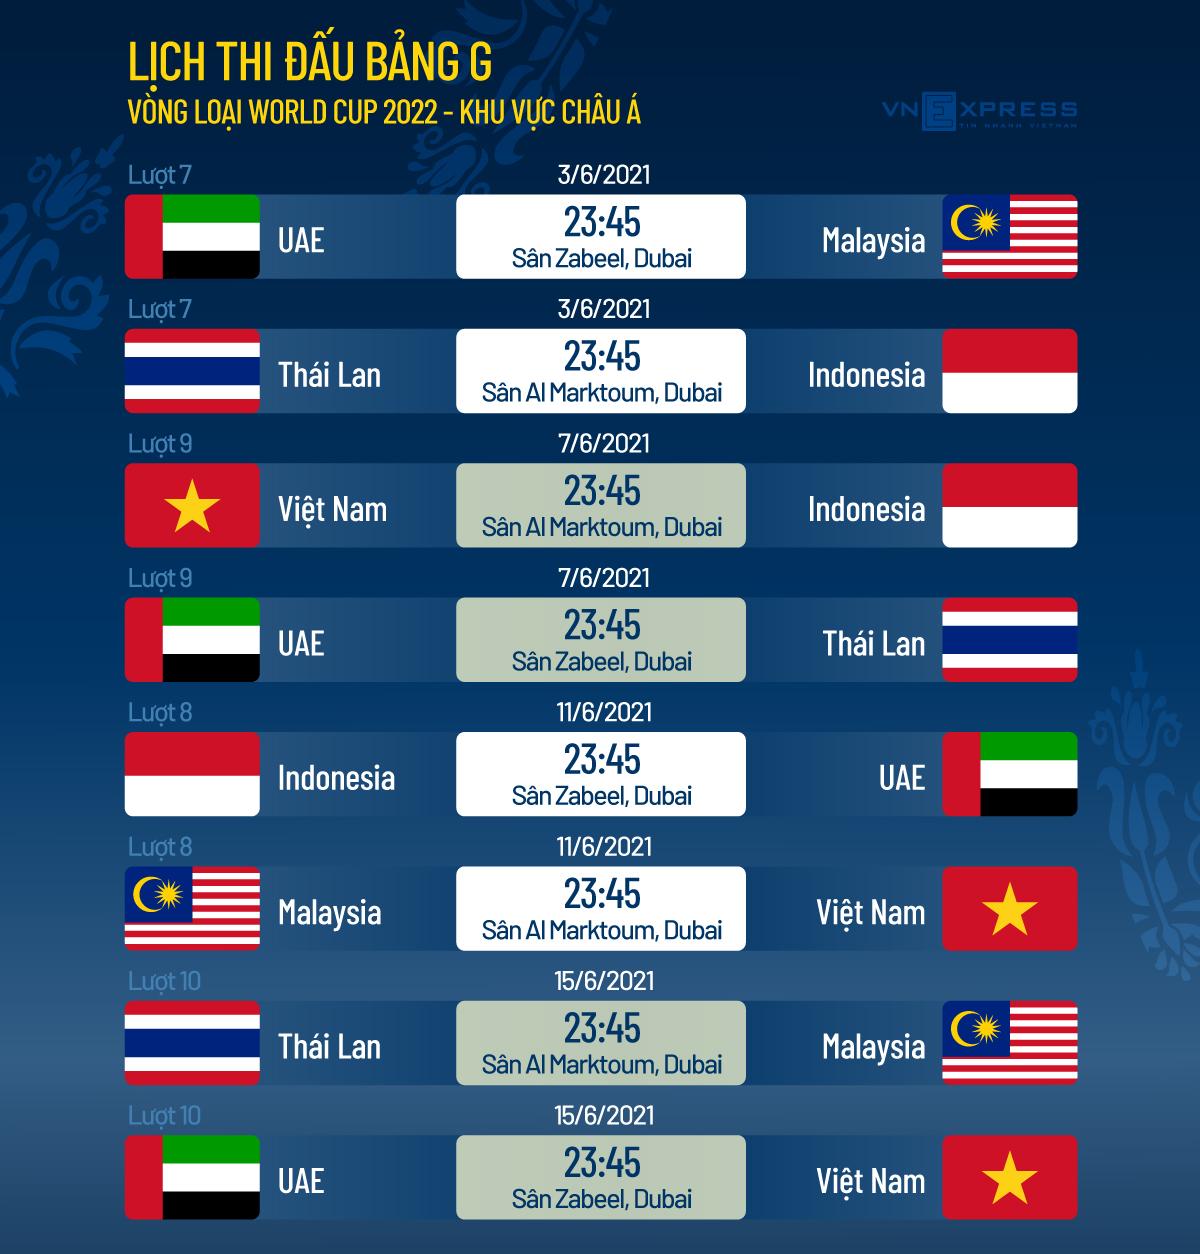 HLV Indonesia vẫn đau đầu trước vòng loại World Cup - 1